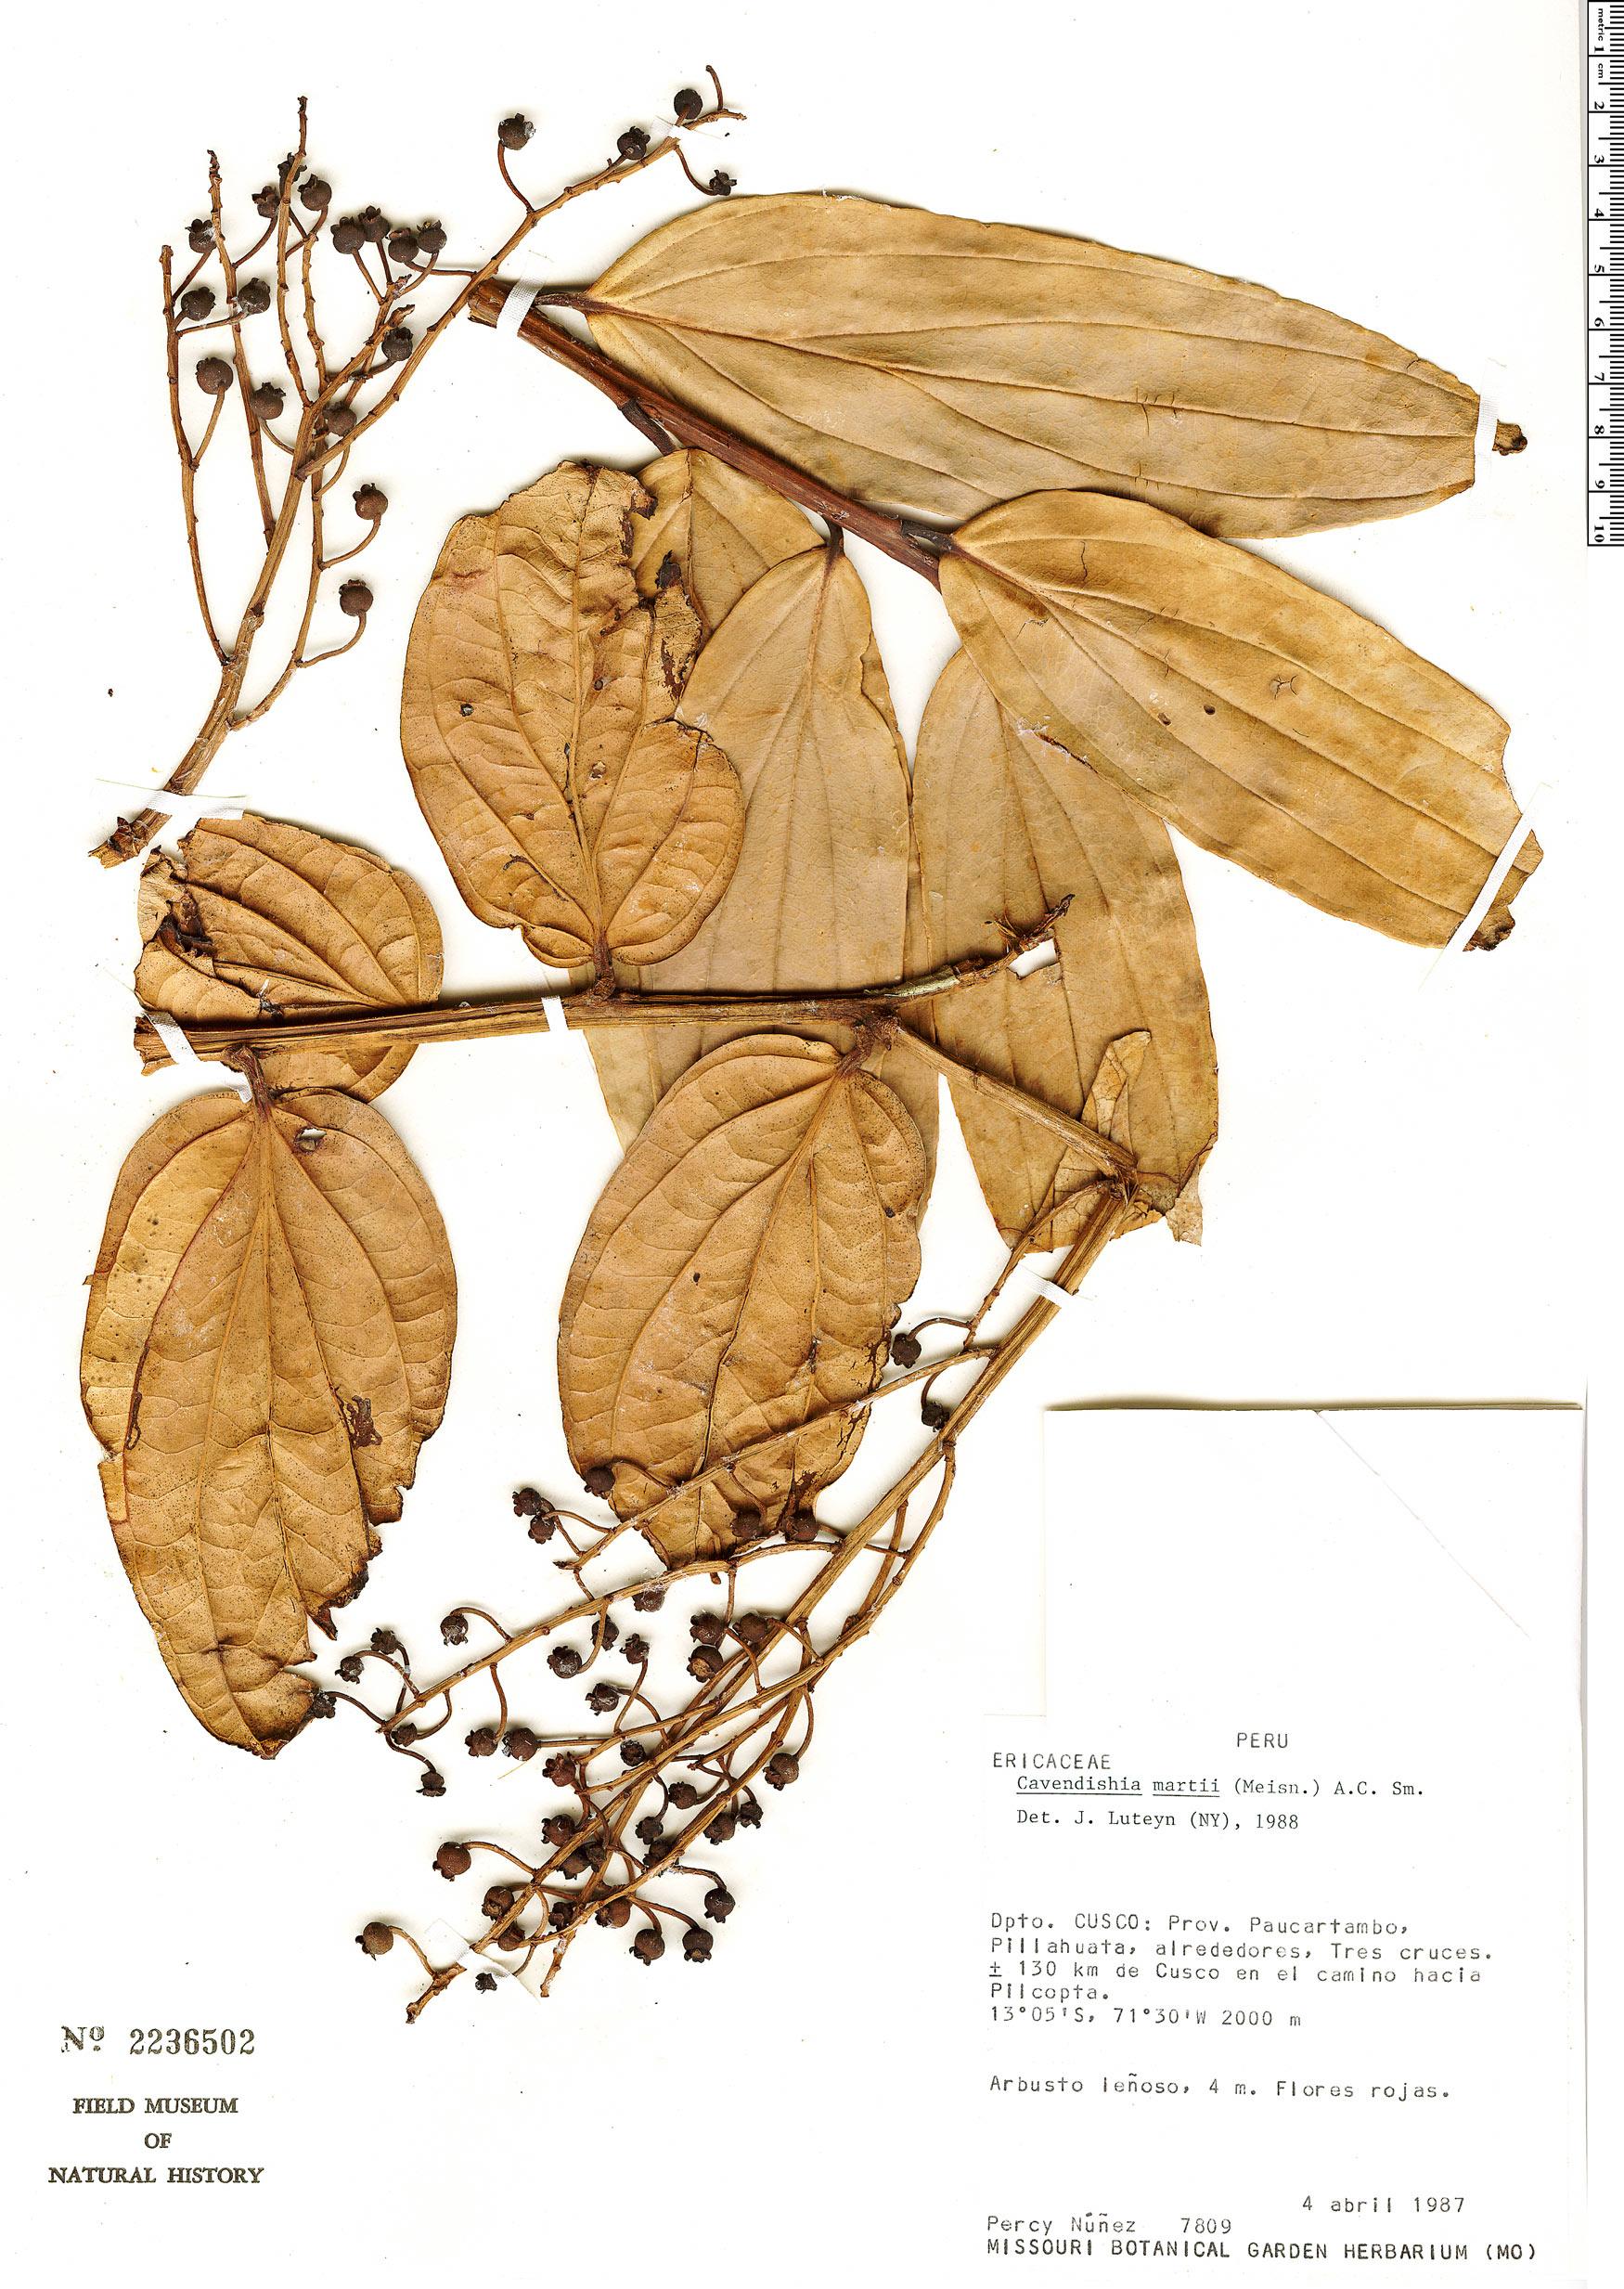 Specimen: Cavendishia martii